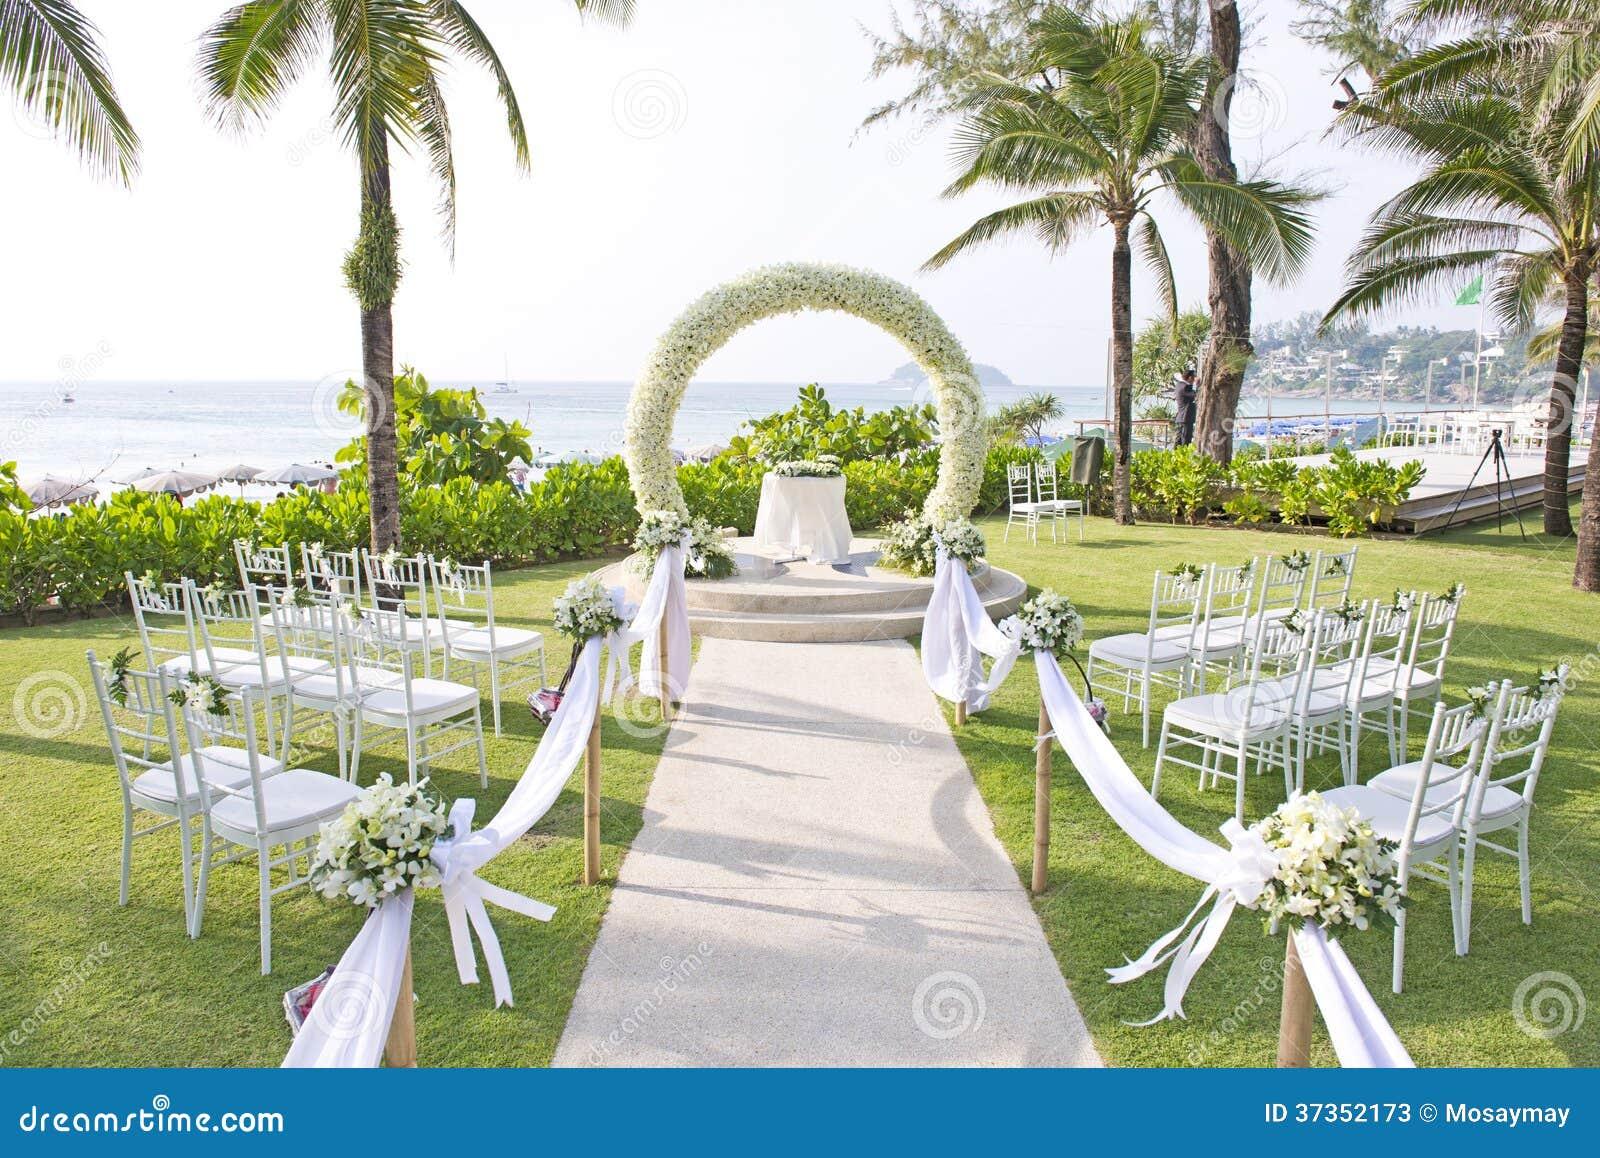 Mariage install dans le jardin l 39 int rieur de la plage photos stock - Mariage dans son jardin ...